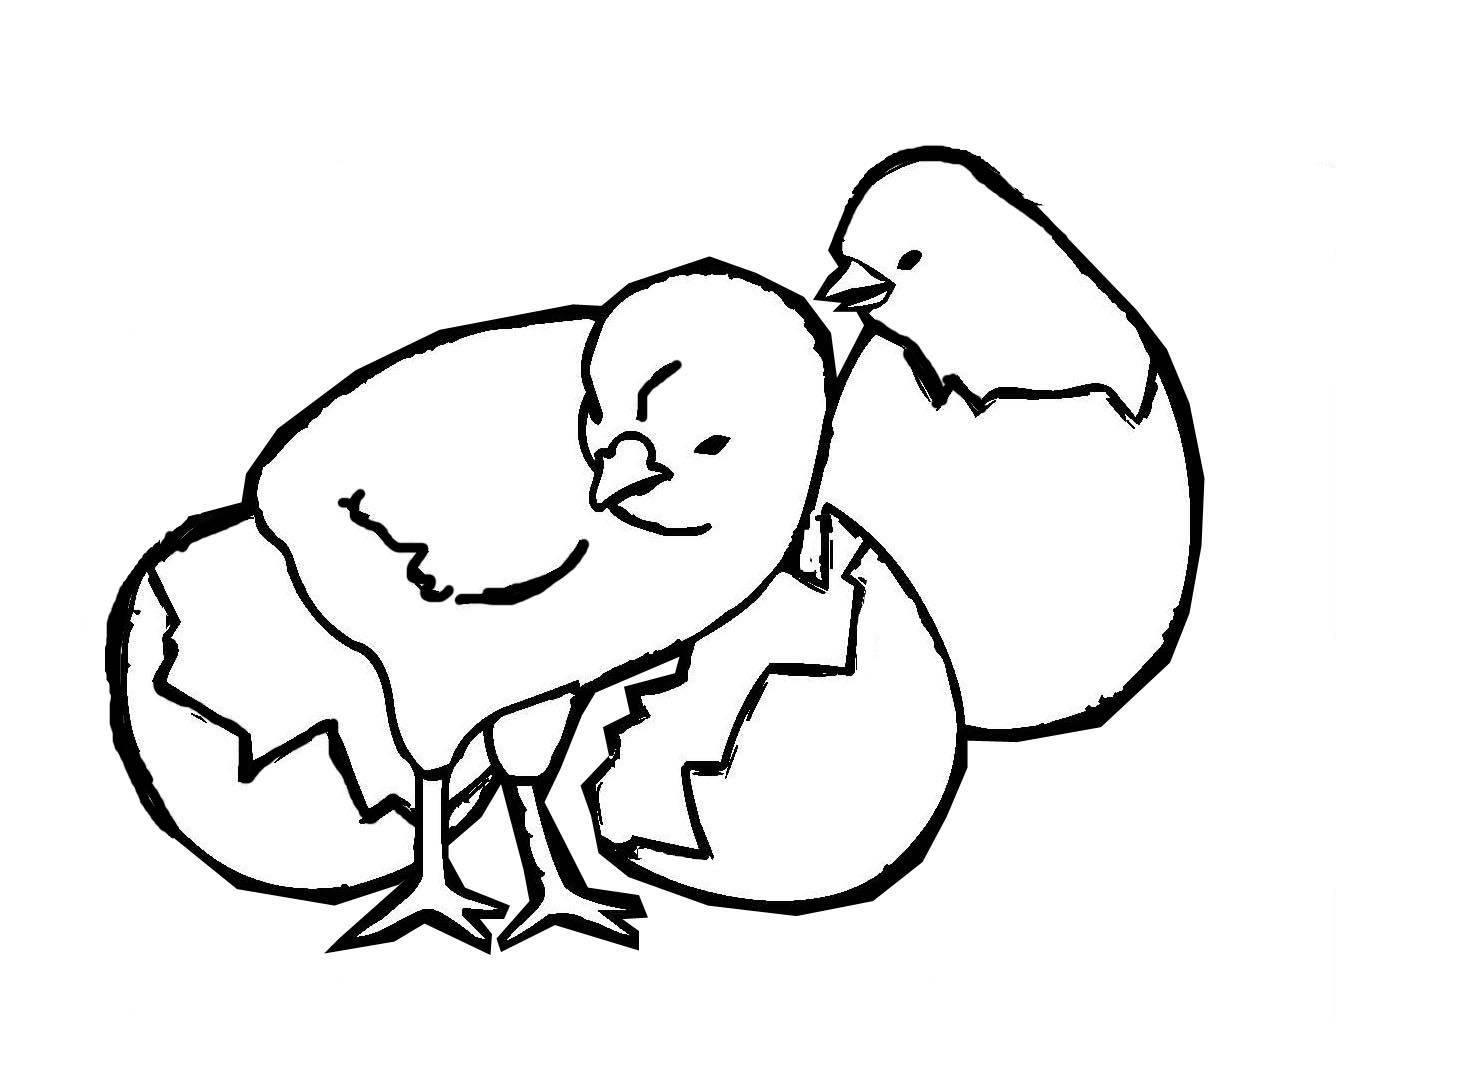 Kostenlose Malvorlage Ostern Zwei Küken zum Ausmalen